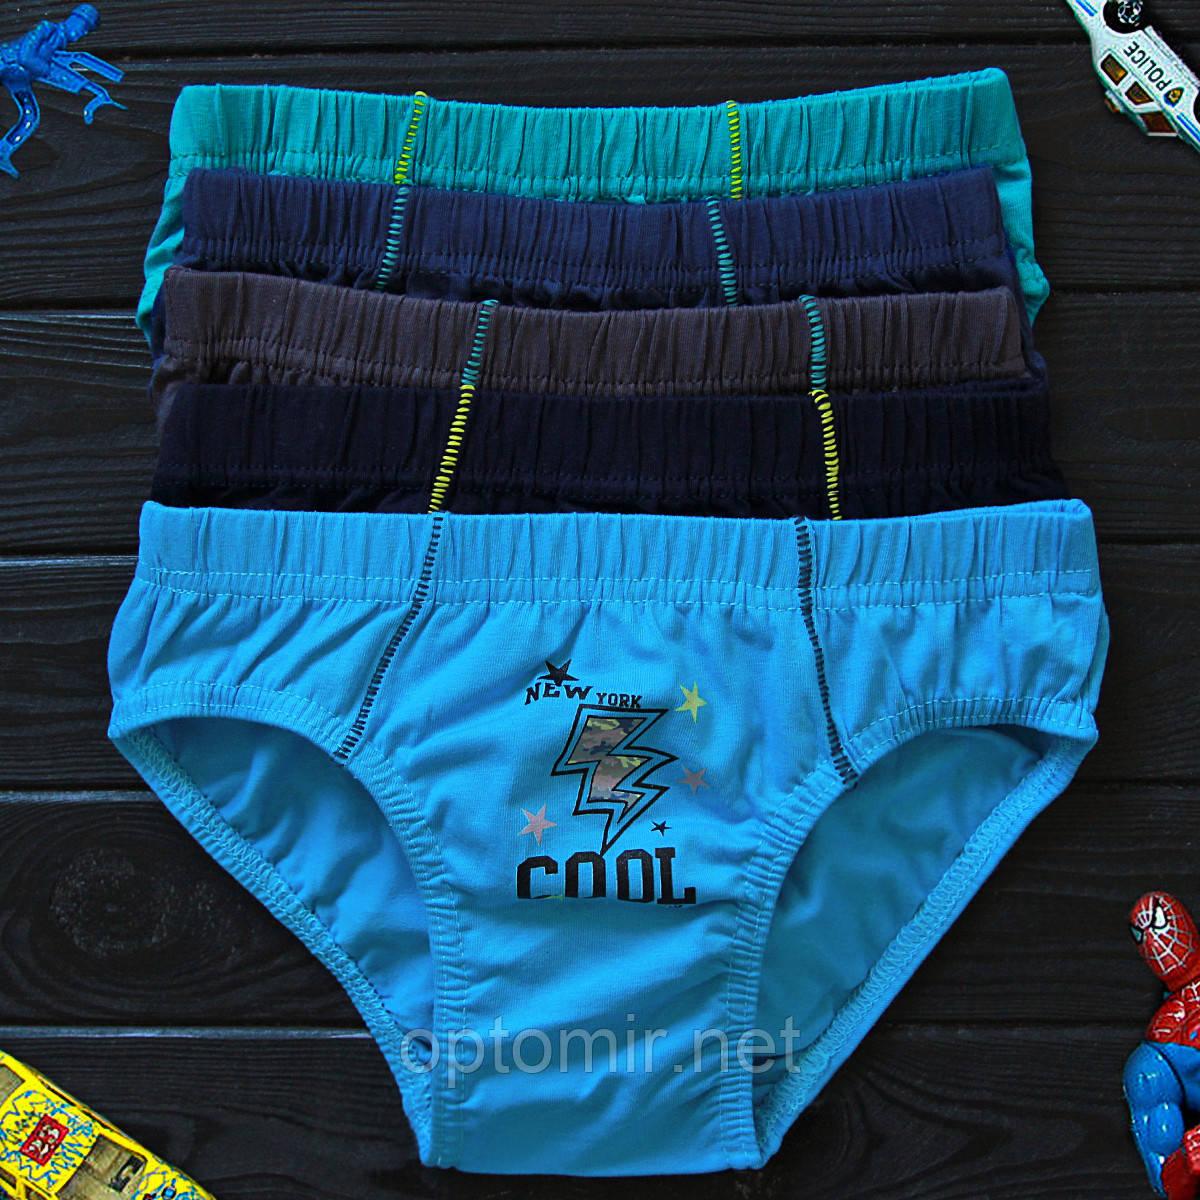 Детские трусы плавки для мальчика Nicoletta (возраст: 12-13 лет) | 5 шт.